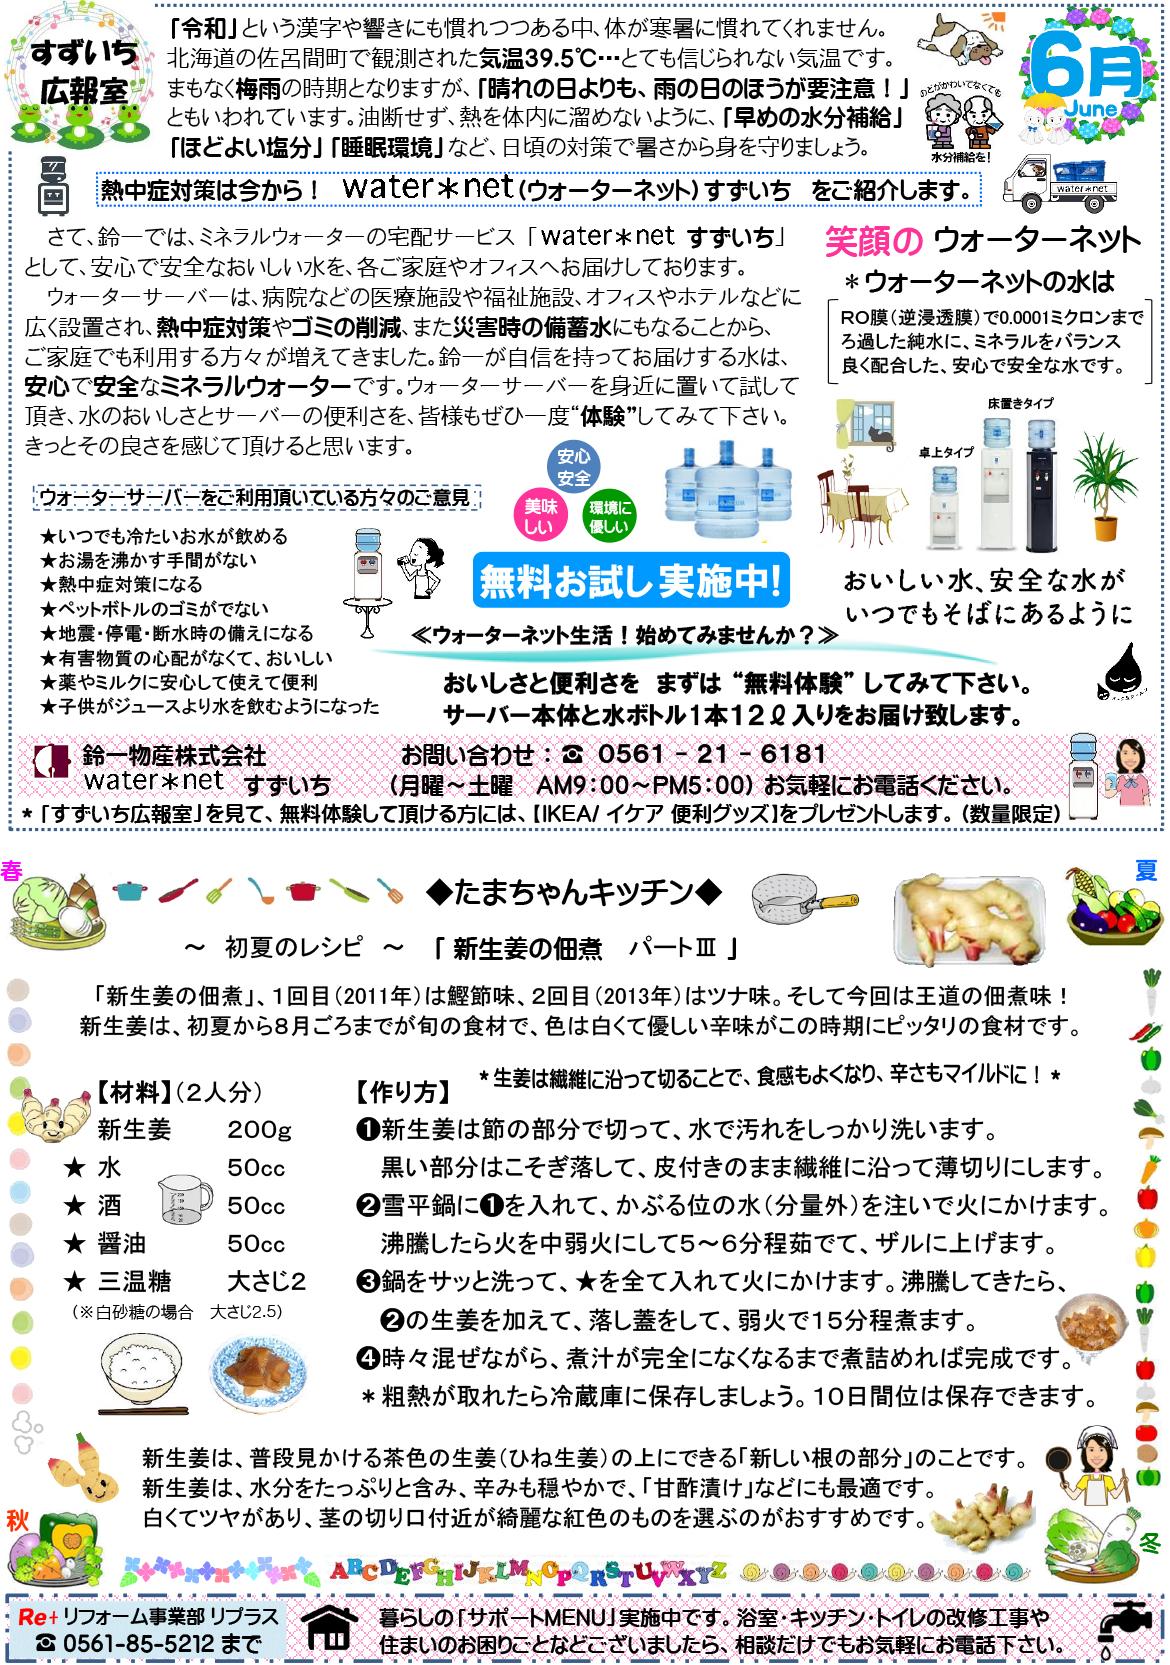 鈴一物産株式会社 すずいち広報室(たまちゃんキッチン)